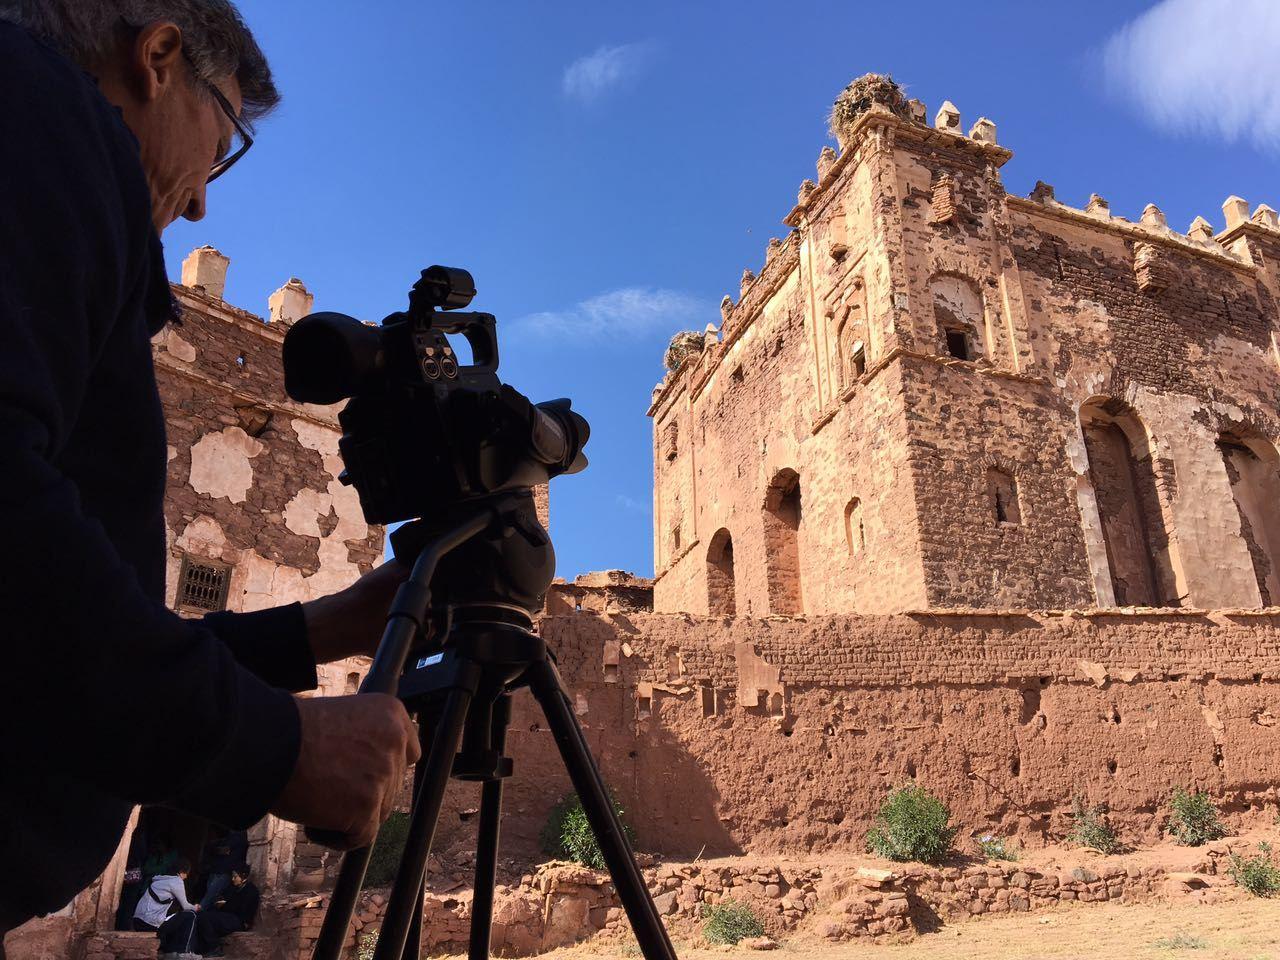 Marocco nella terra dei mille colori Talpa produzioni 2017